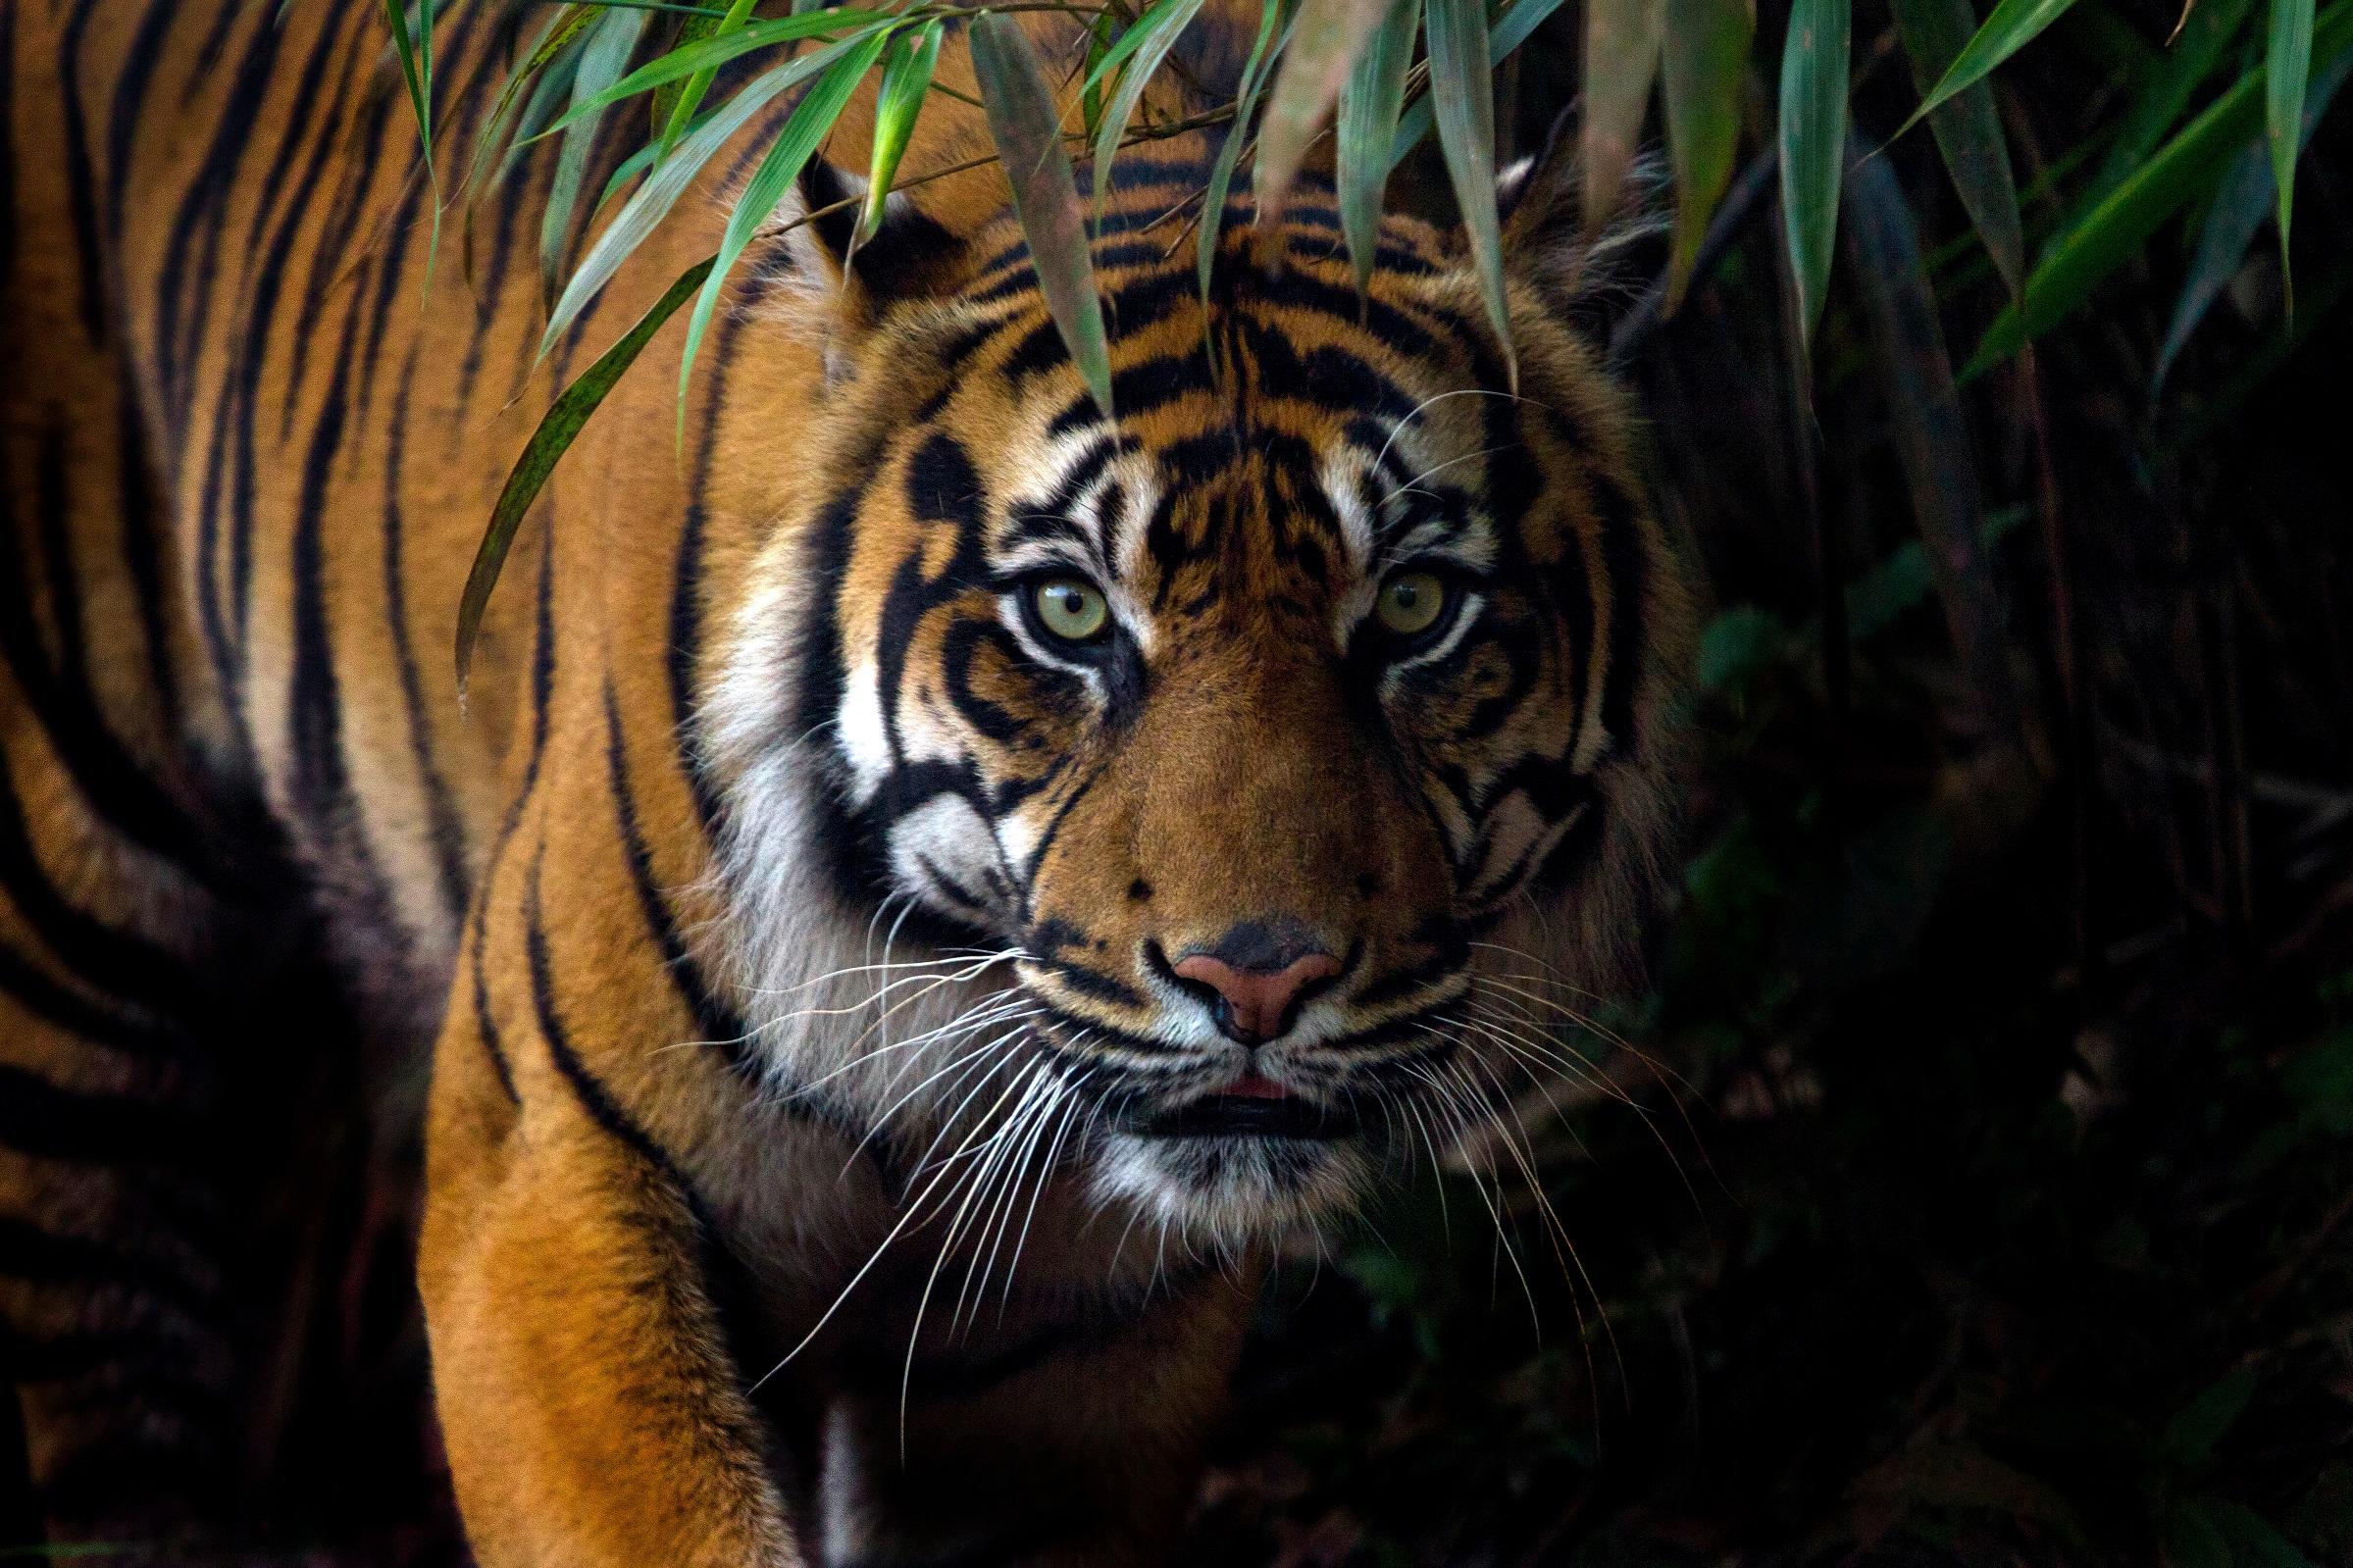 RER - Sumatran Tiger